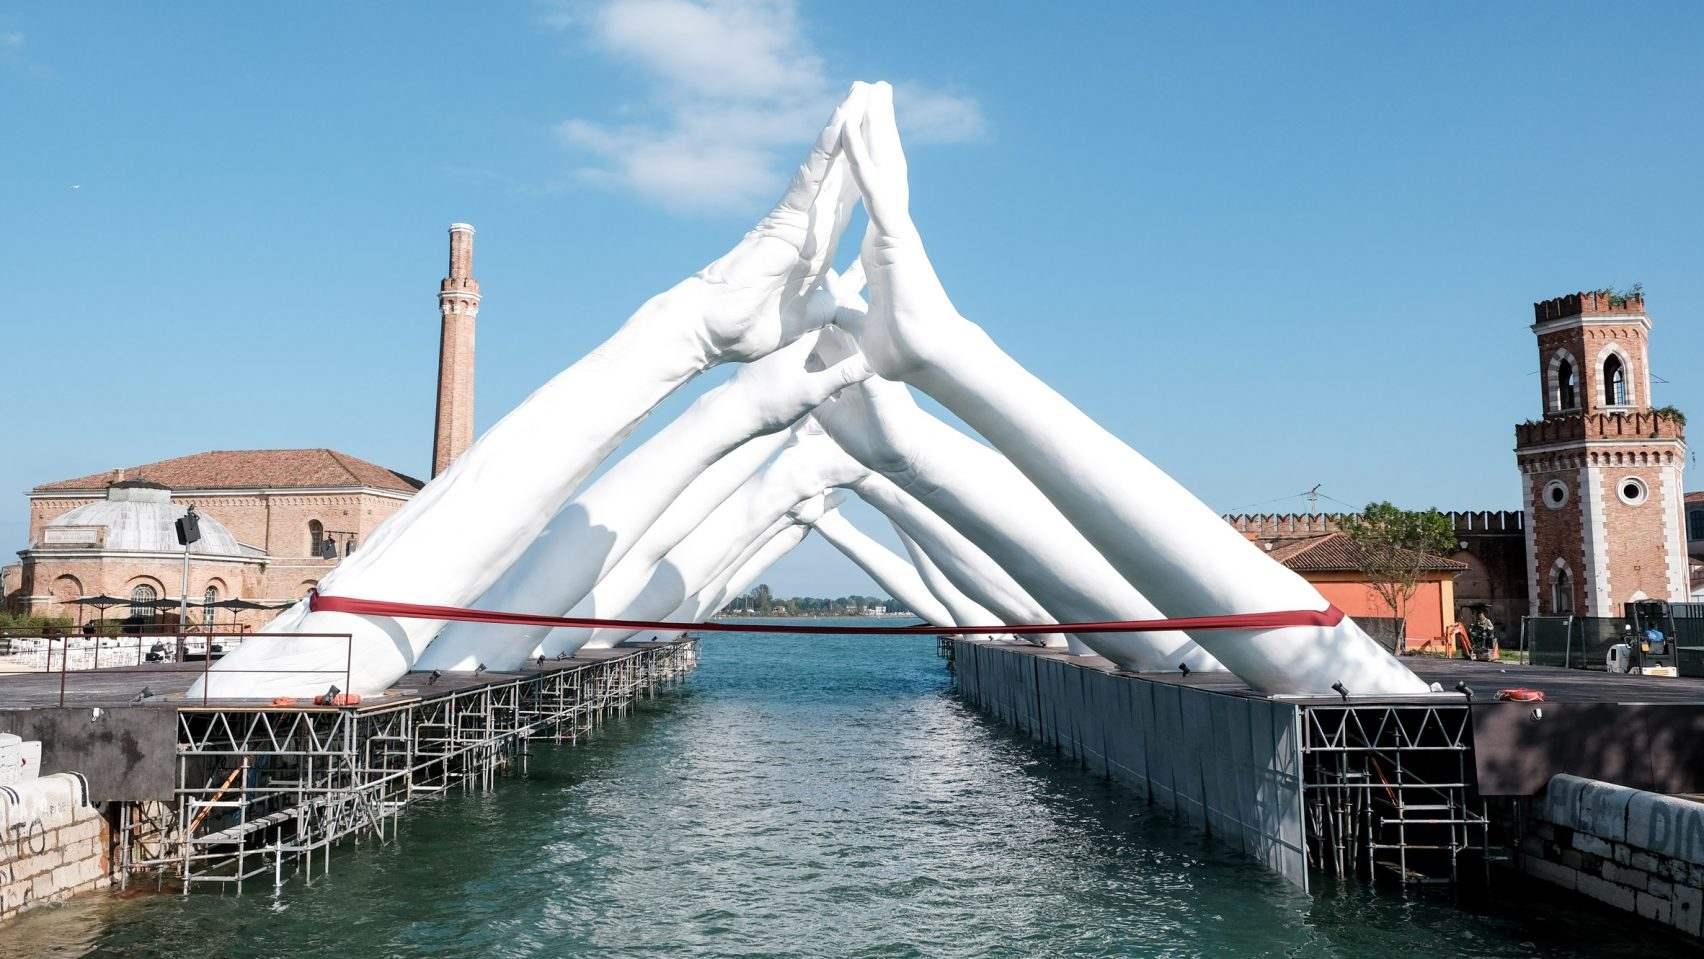 Building brigdes Venice - Gallery